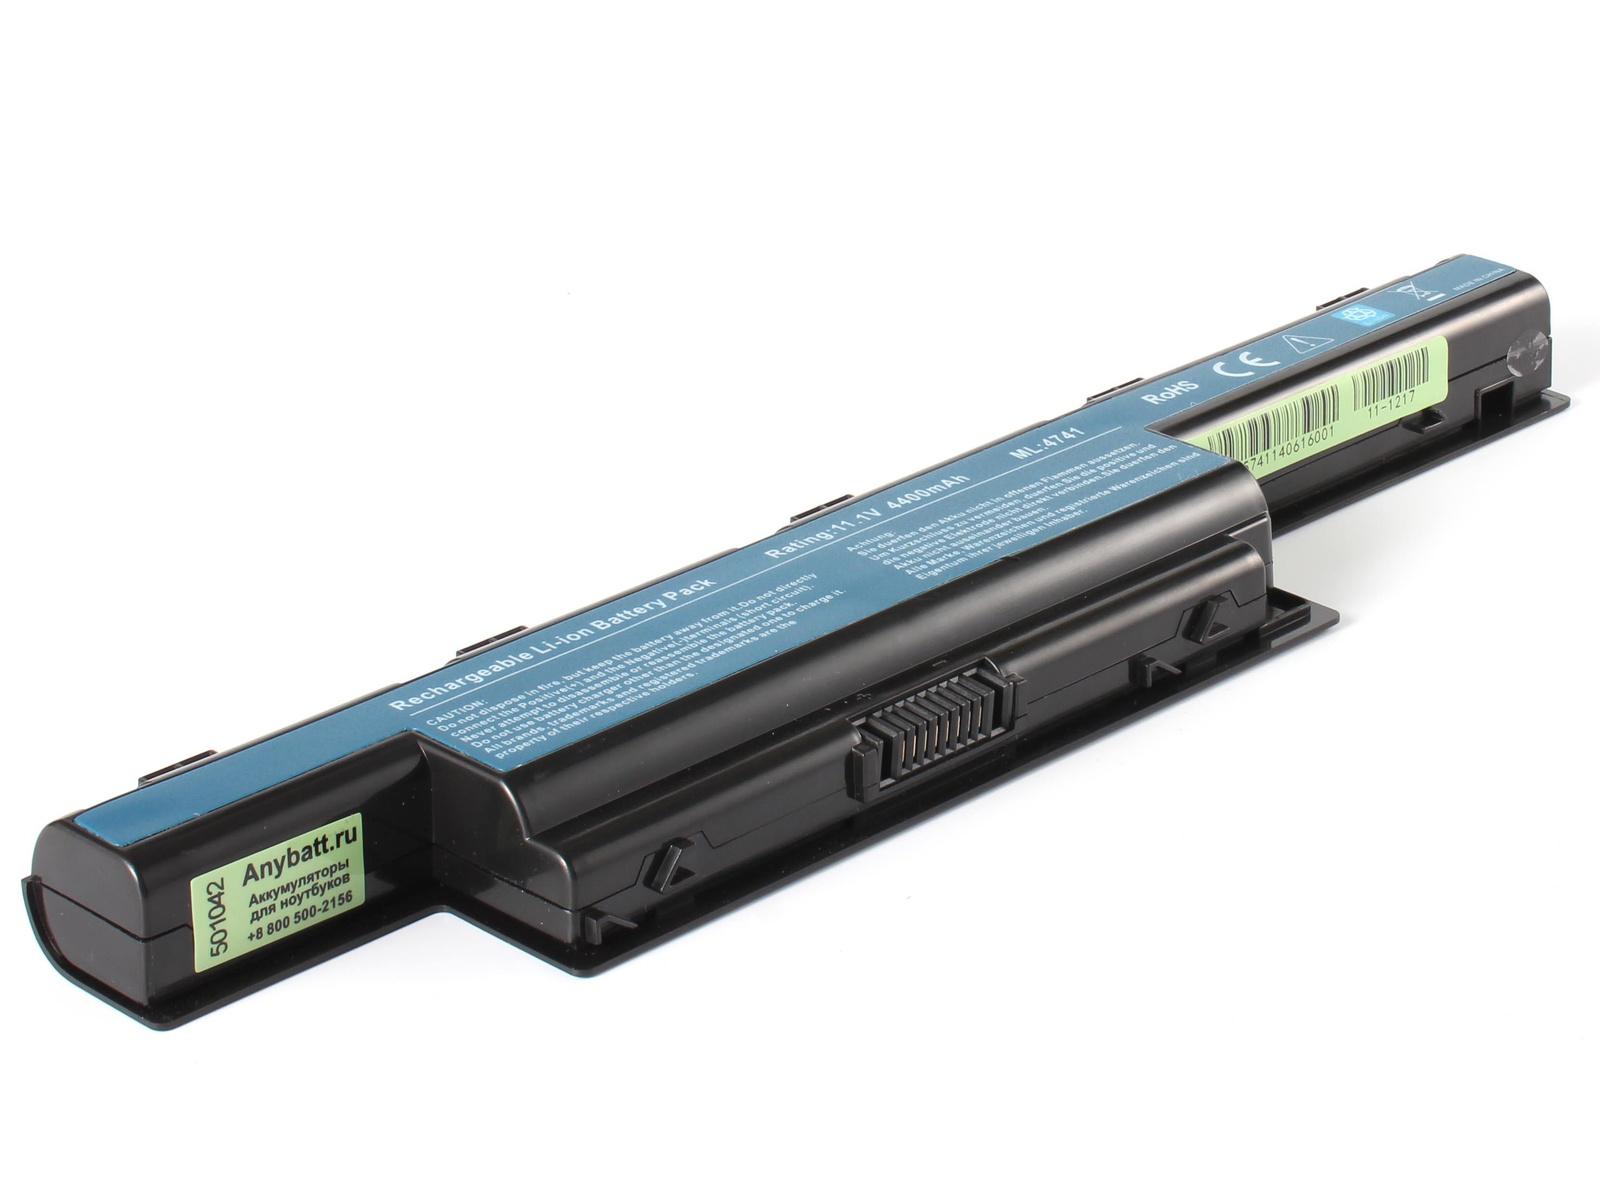 лучшая цена Аккумулятор для ноутбука AnyBatt для Packard Bell EasyNote TM81-SB-008RU, EasyNote TS11 AMD, EasyNote TS11 Intel TS11-HR-392RU, EasyNote TS11 Intel TS11-HR-522RU, EasyNote TS11-HR-006, EasyNote TS11-SB-818, EasyNote TS13 Intel